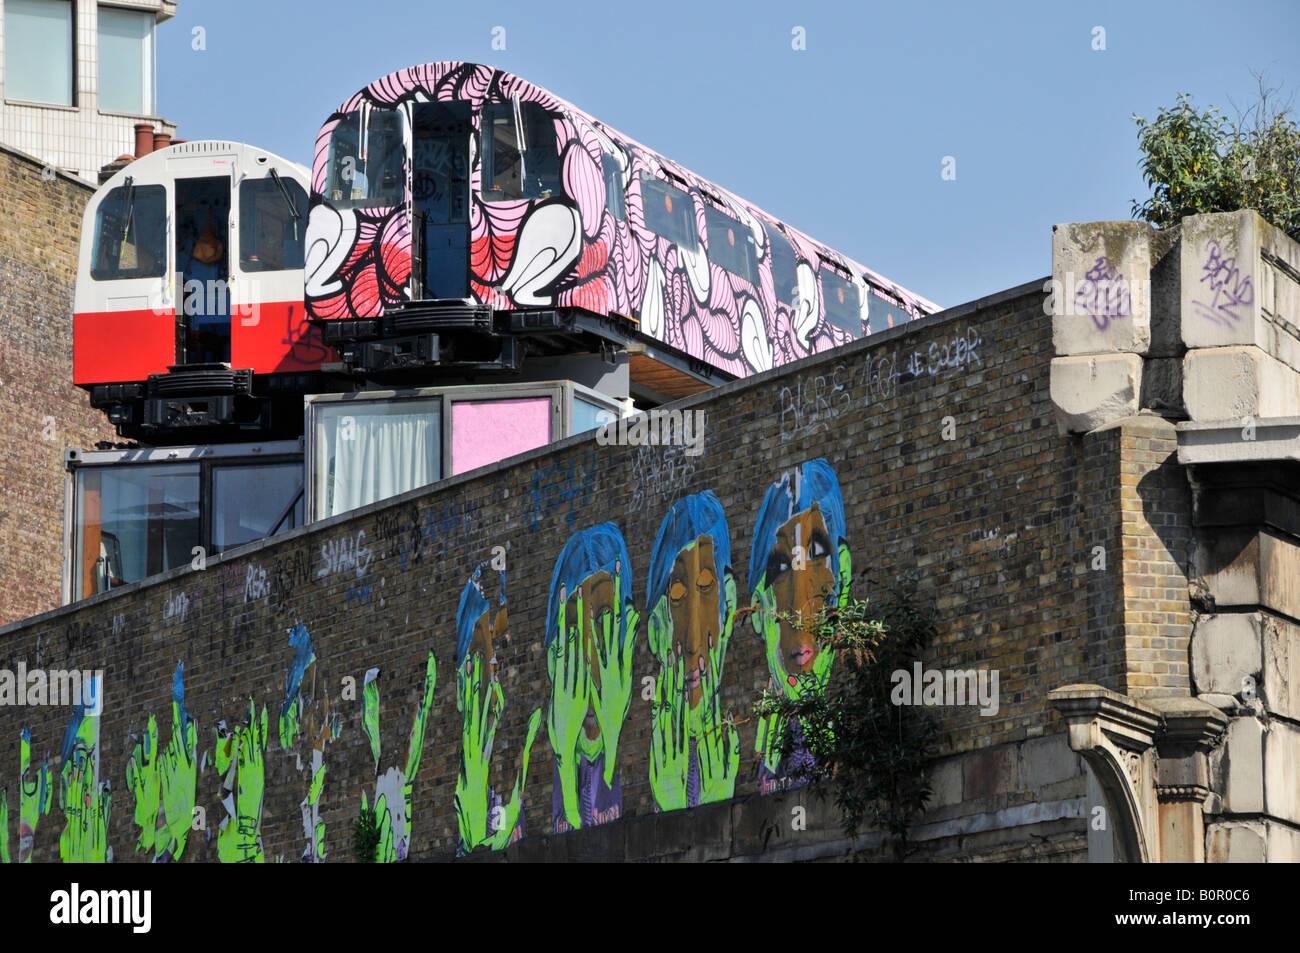 Il tubo di riciclo carrozze ferroviarie utilizzate come artisti sopra il vecchio viadotto ferroviario con pareti Immagini Stock